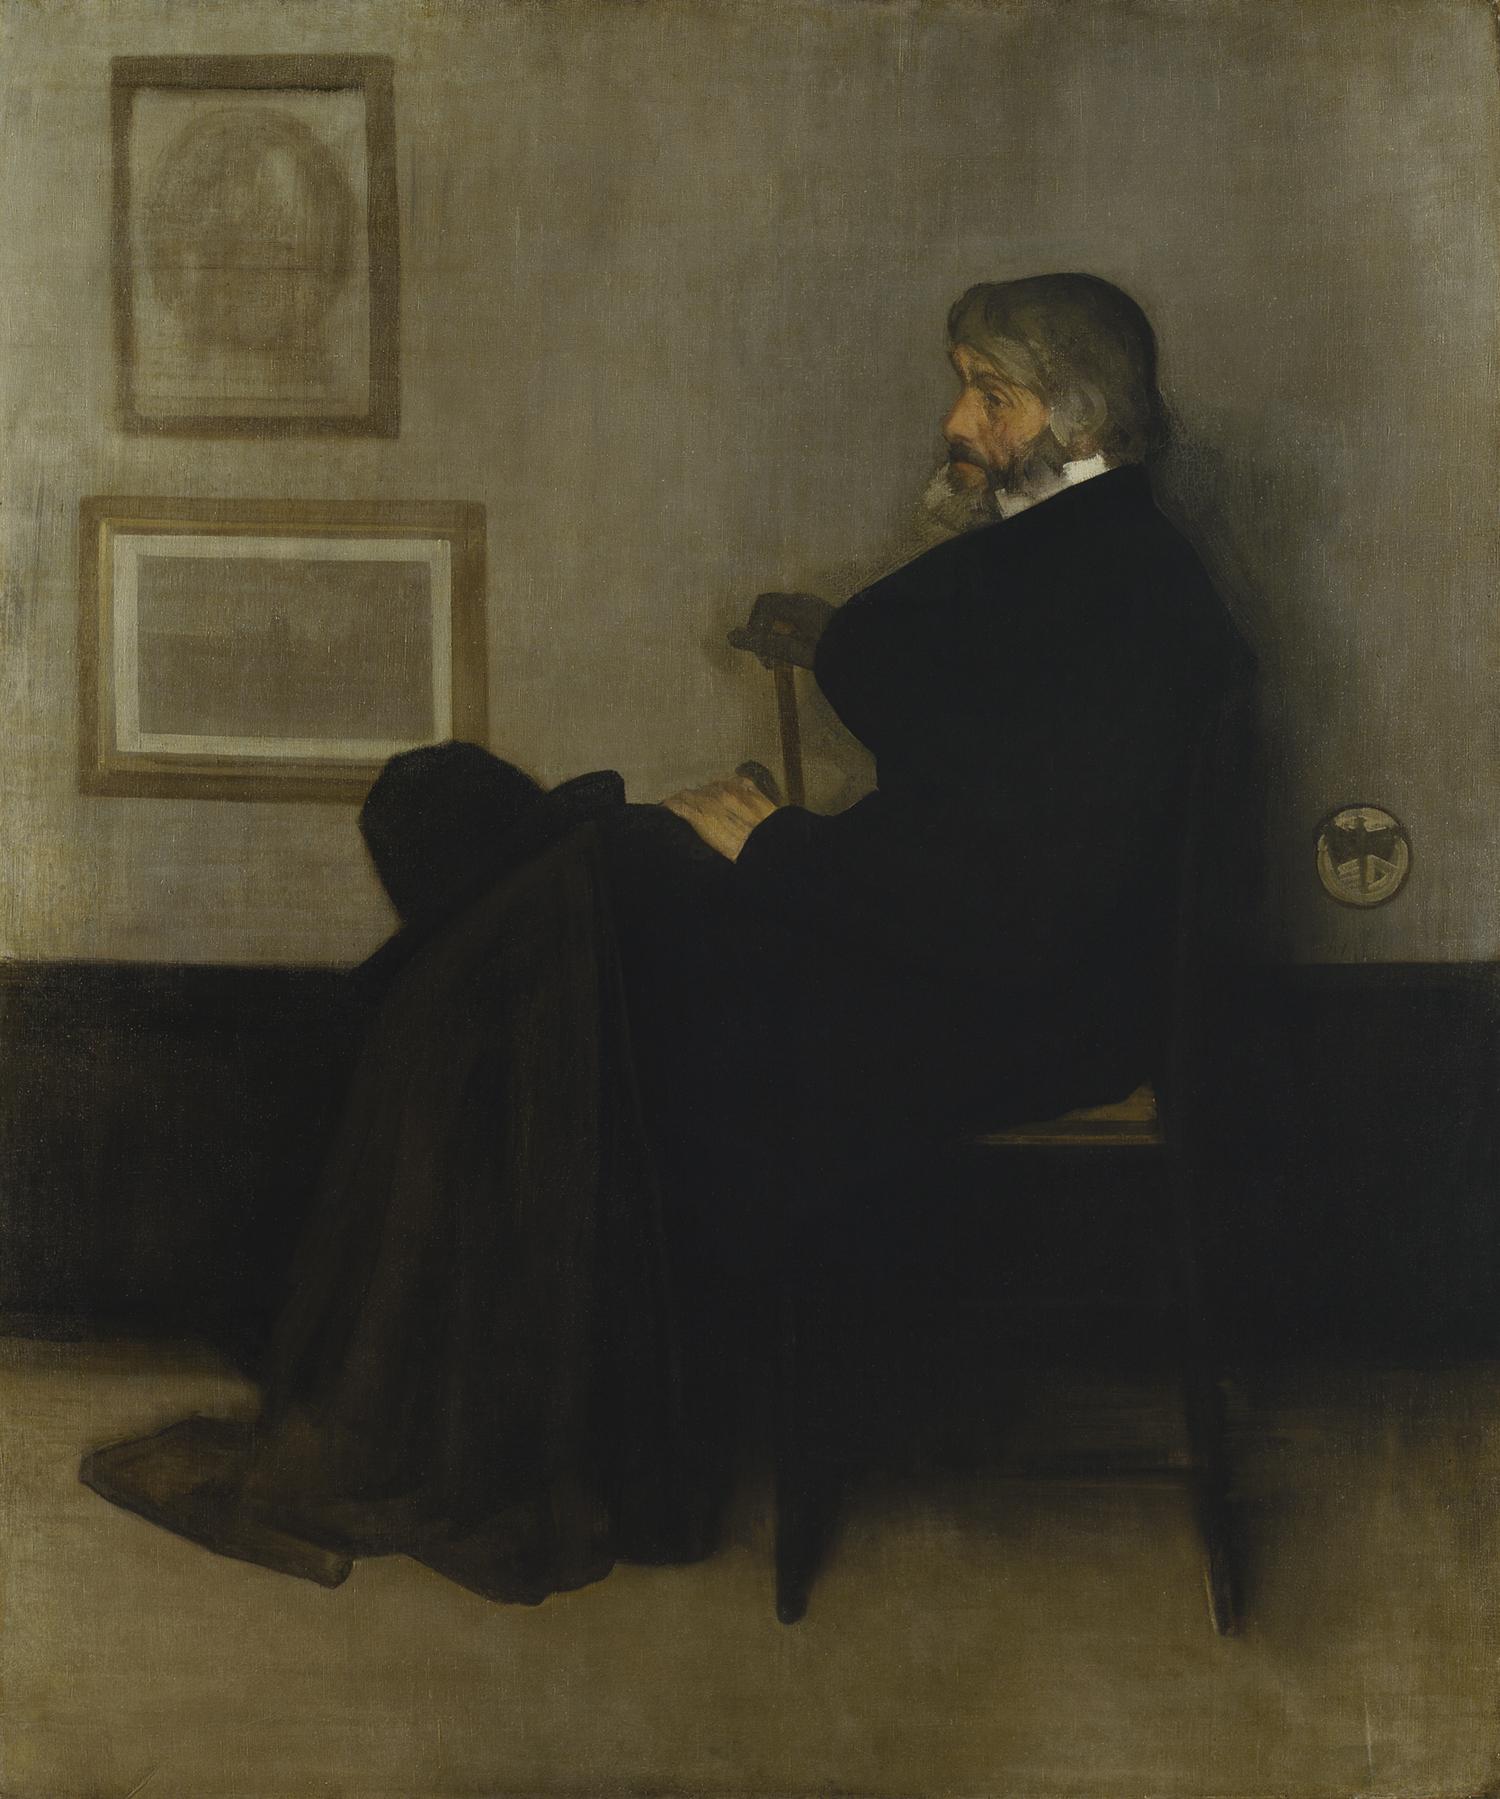 3 灰色と黒のアレンジメント No.2;トーマス・カーライルの肖像(グラスゴー美術館) (Unicode エンコードの競合)